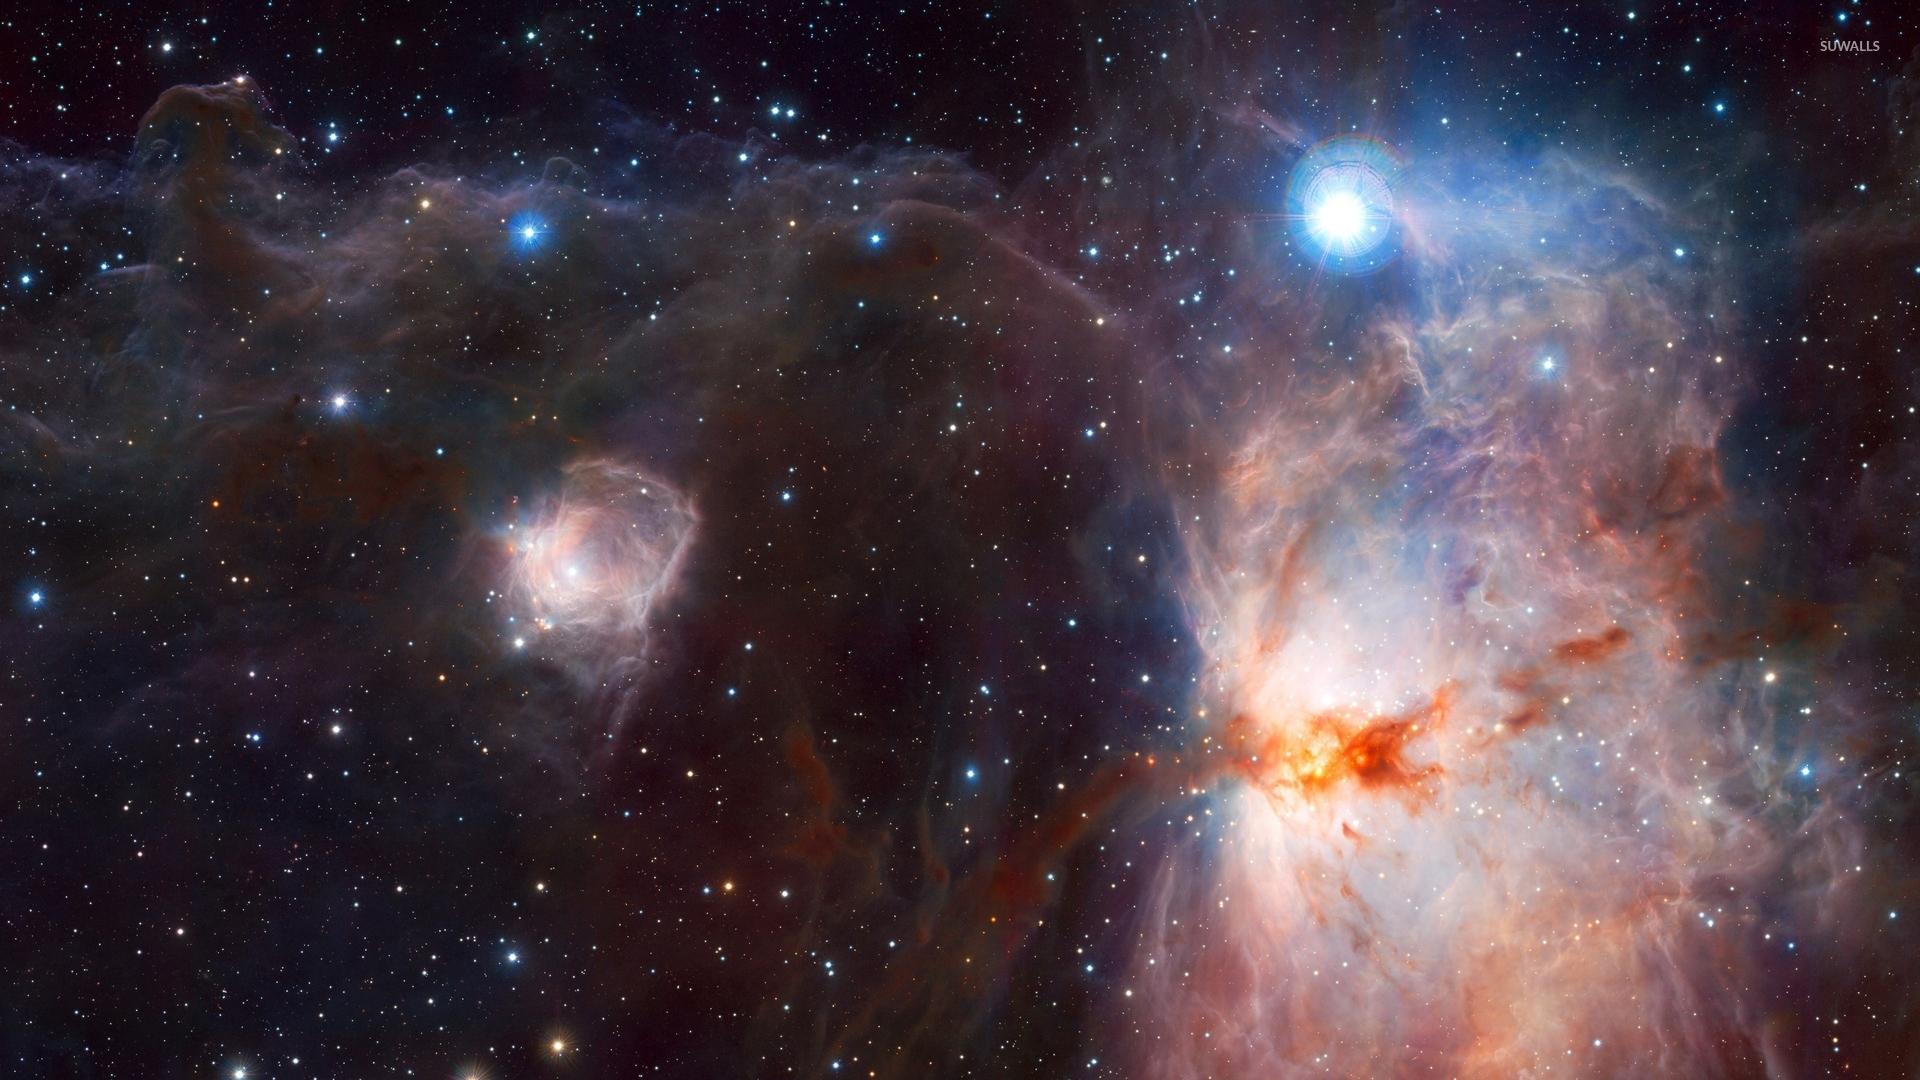 nebula 2560x1440 - photo #29